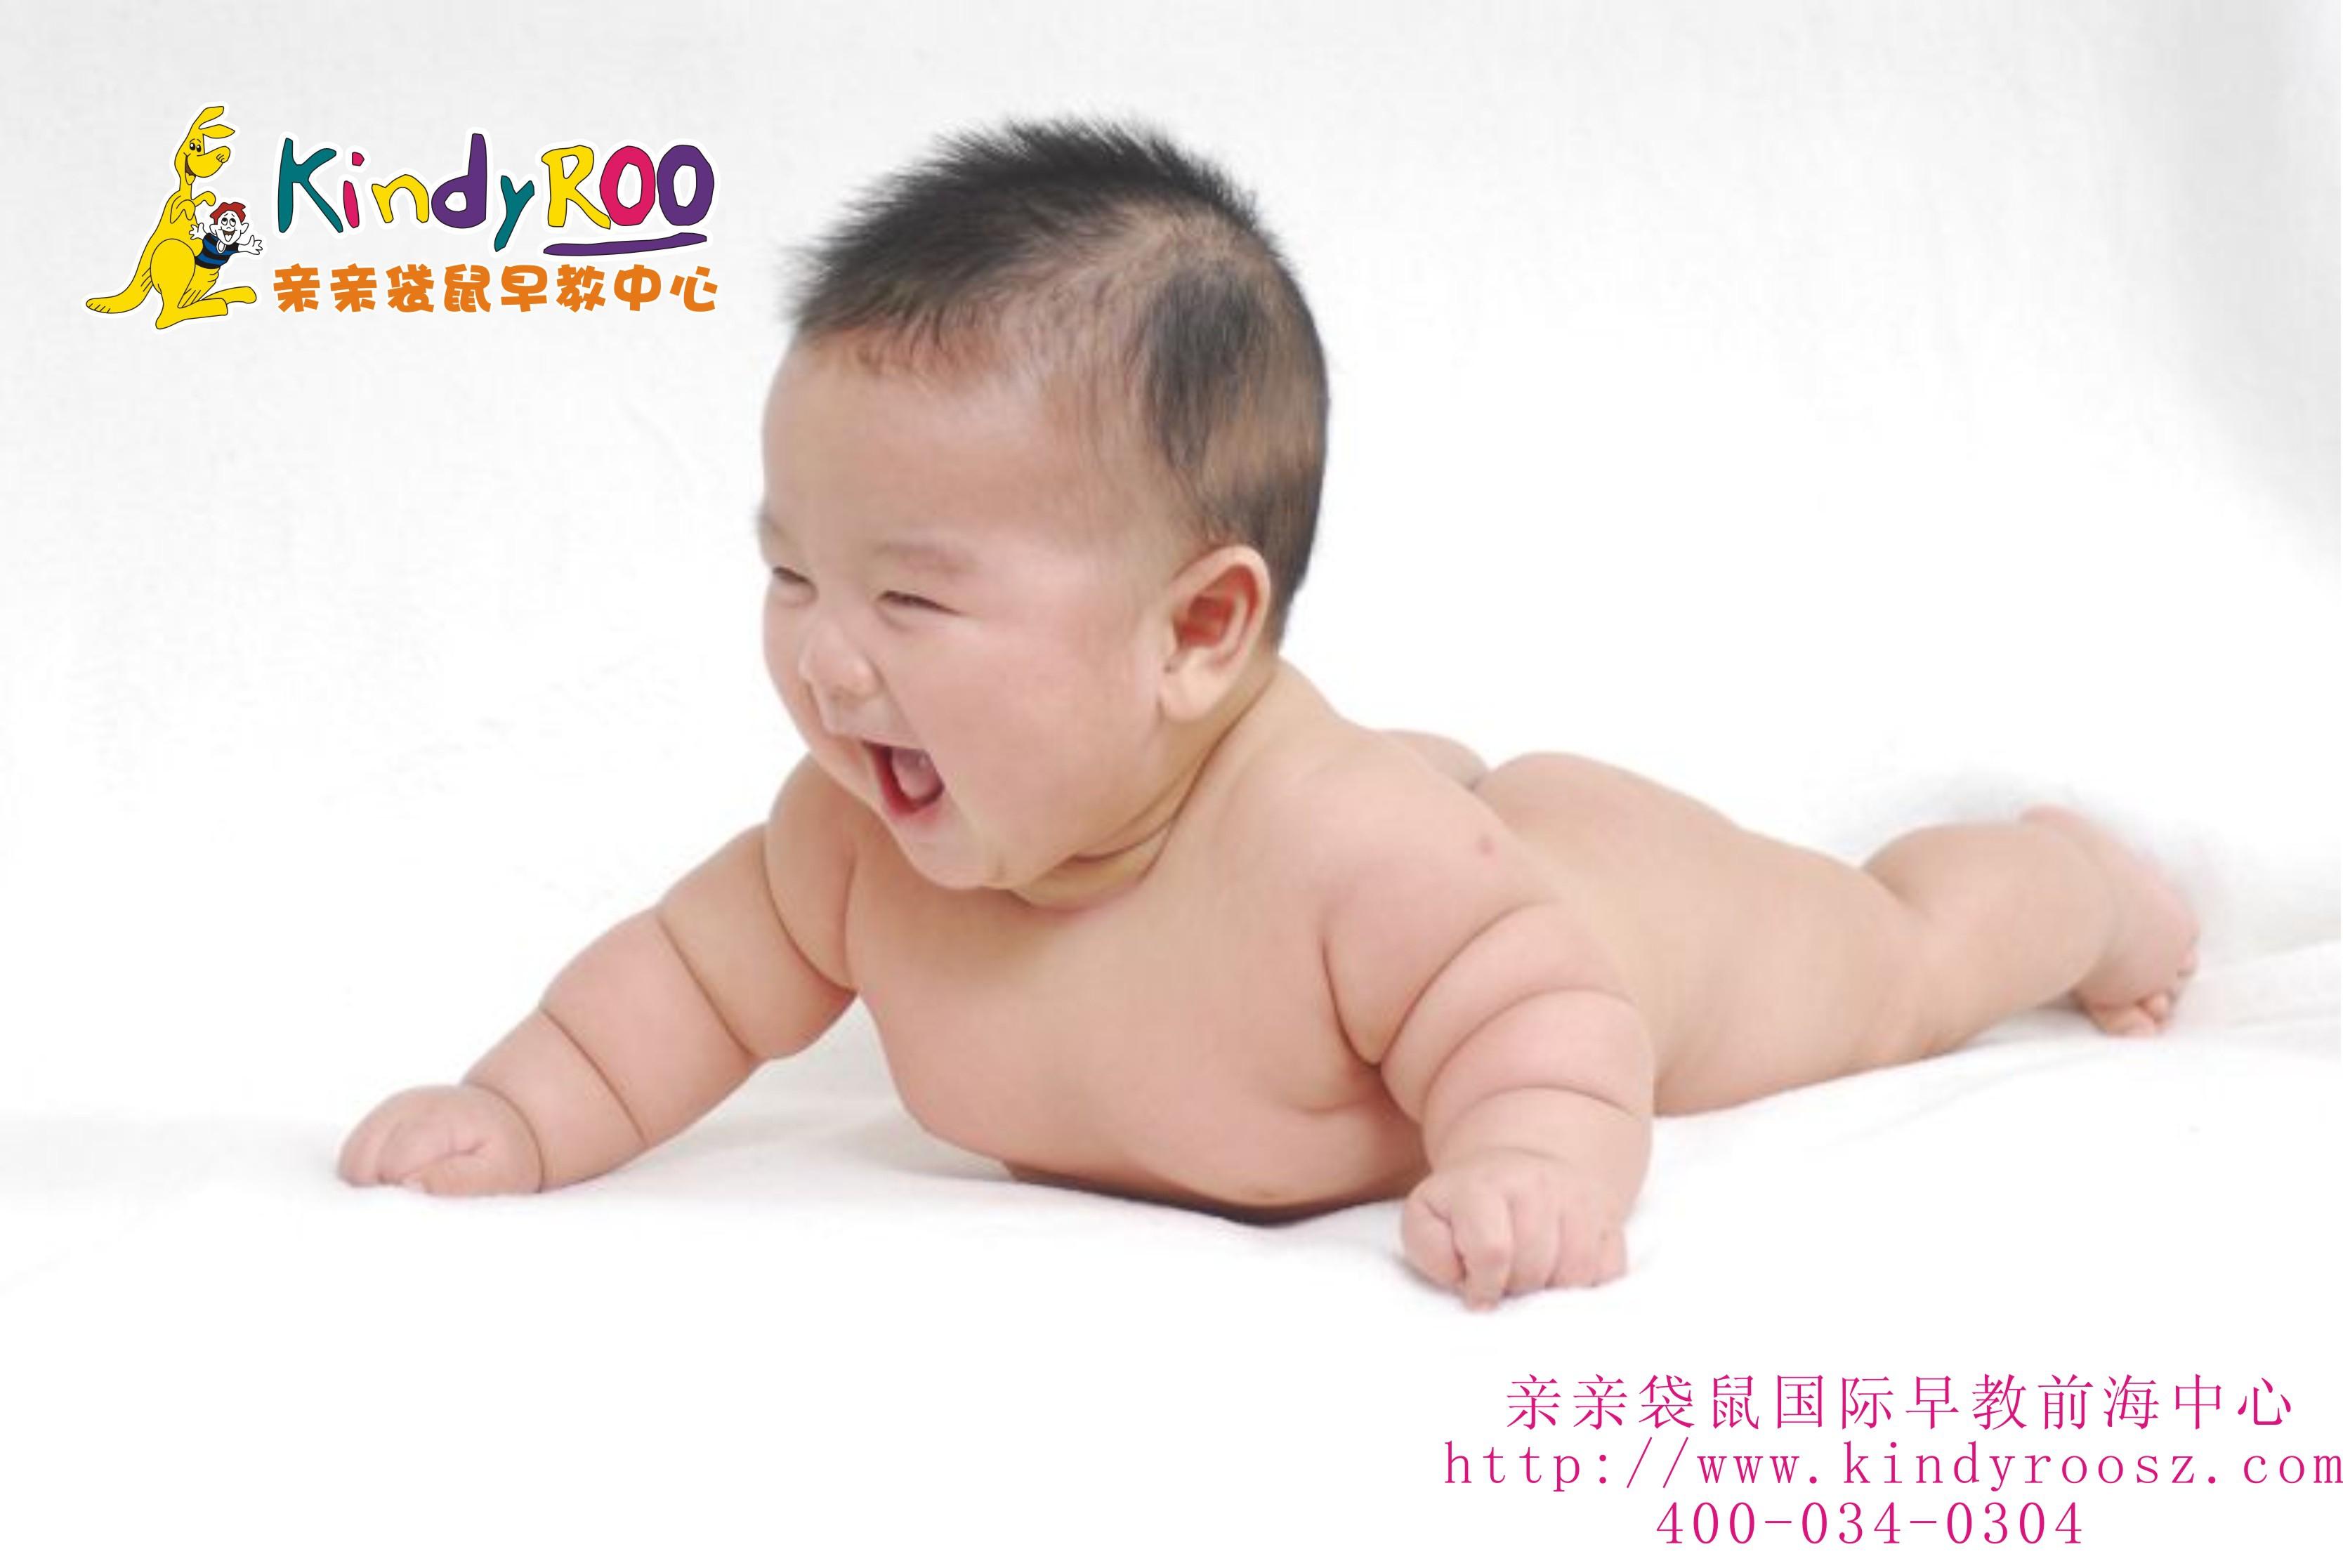 毫无疑问,丰满的宝宝是非常可爱的,但宝宝小时候超重也是可能会导致